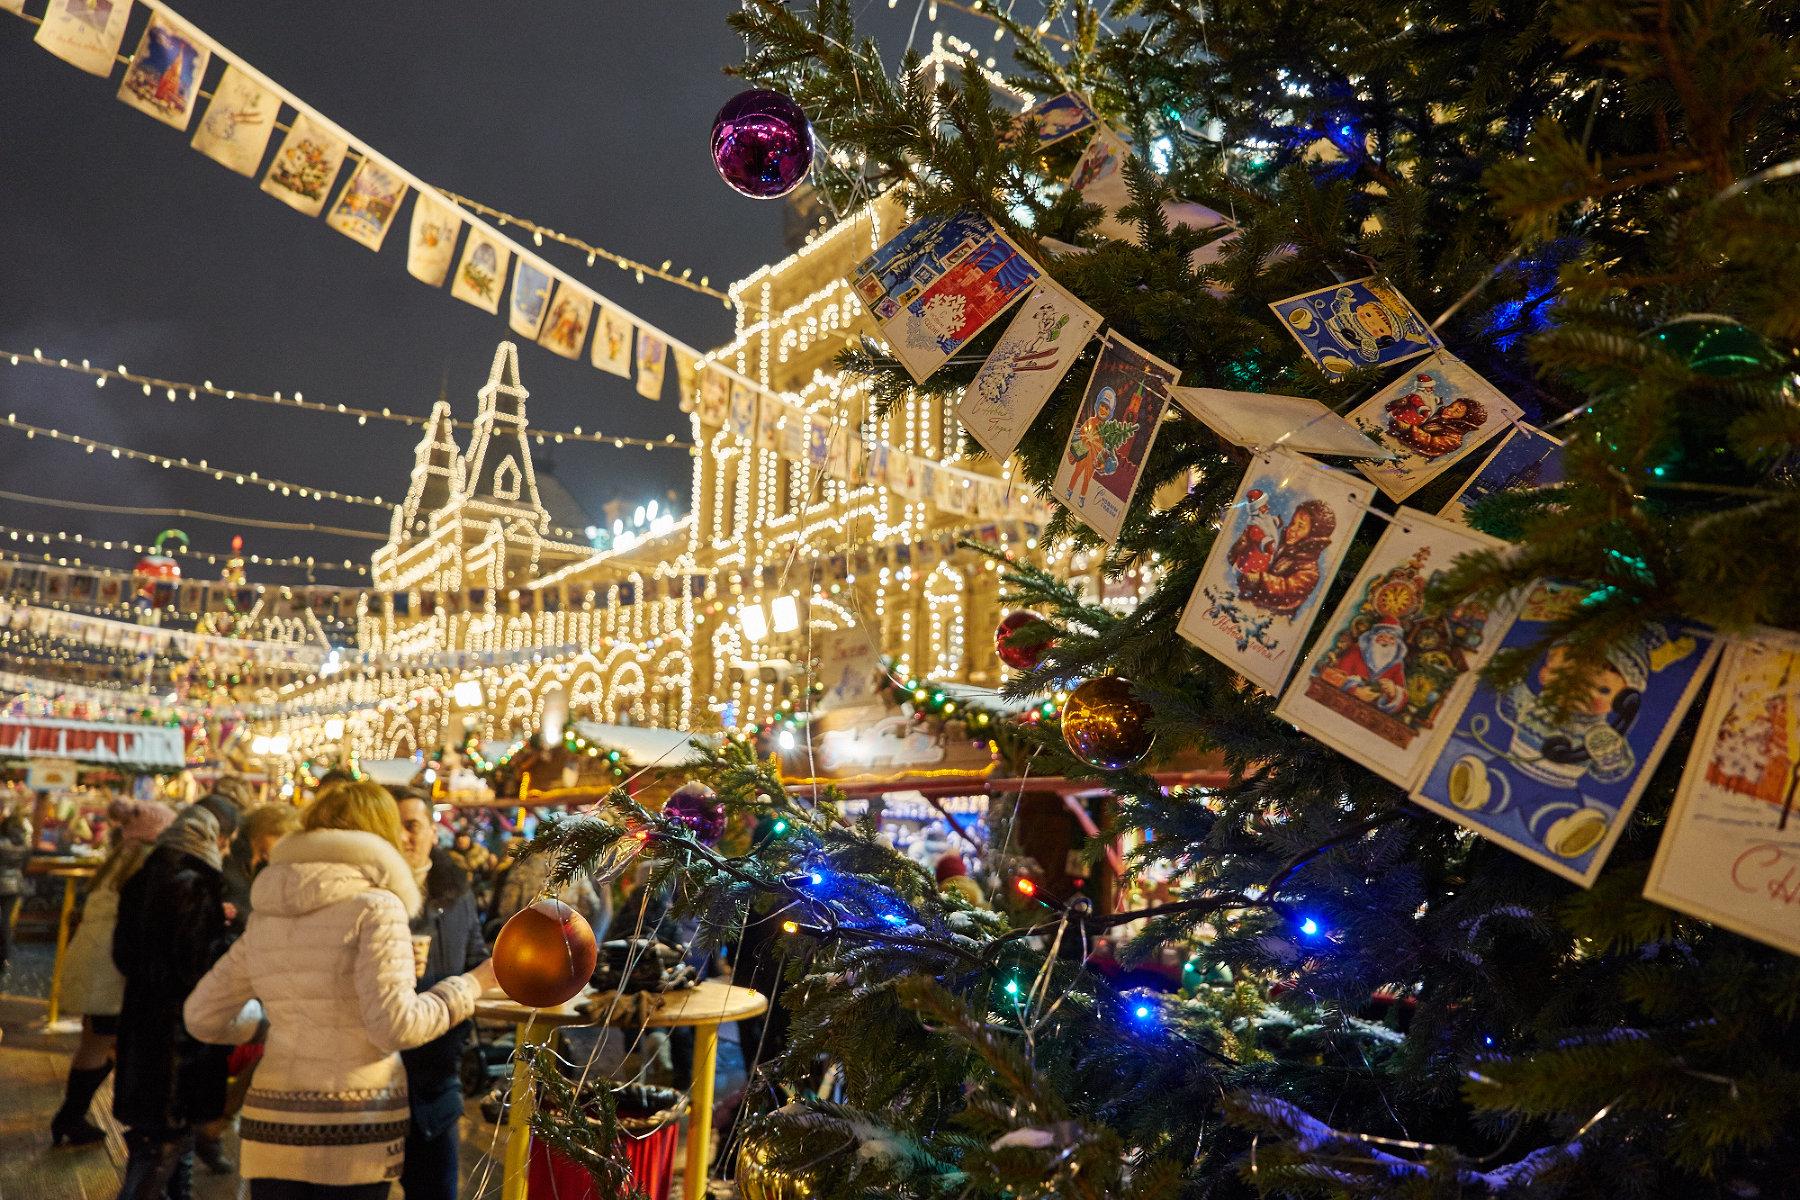 Фестиваля «Путешествие в Рождество» и новогодних ёлок в Москве в этом году не будет